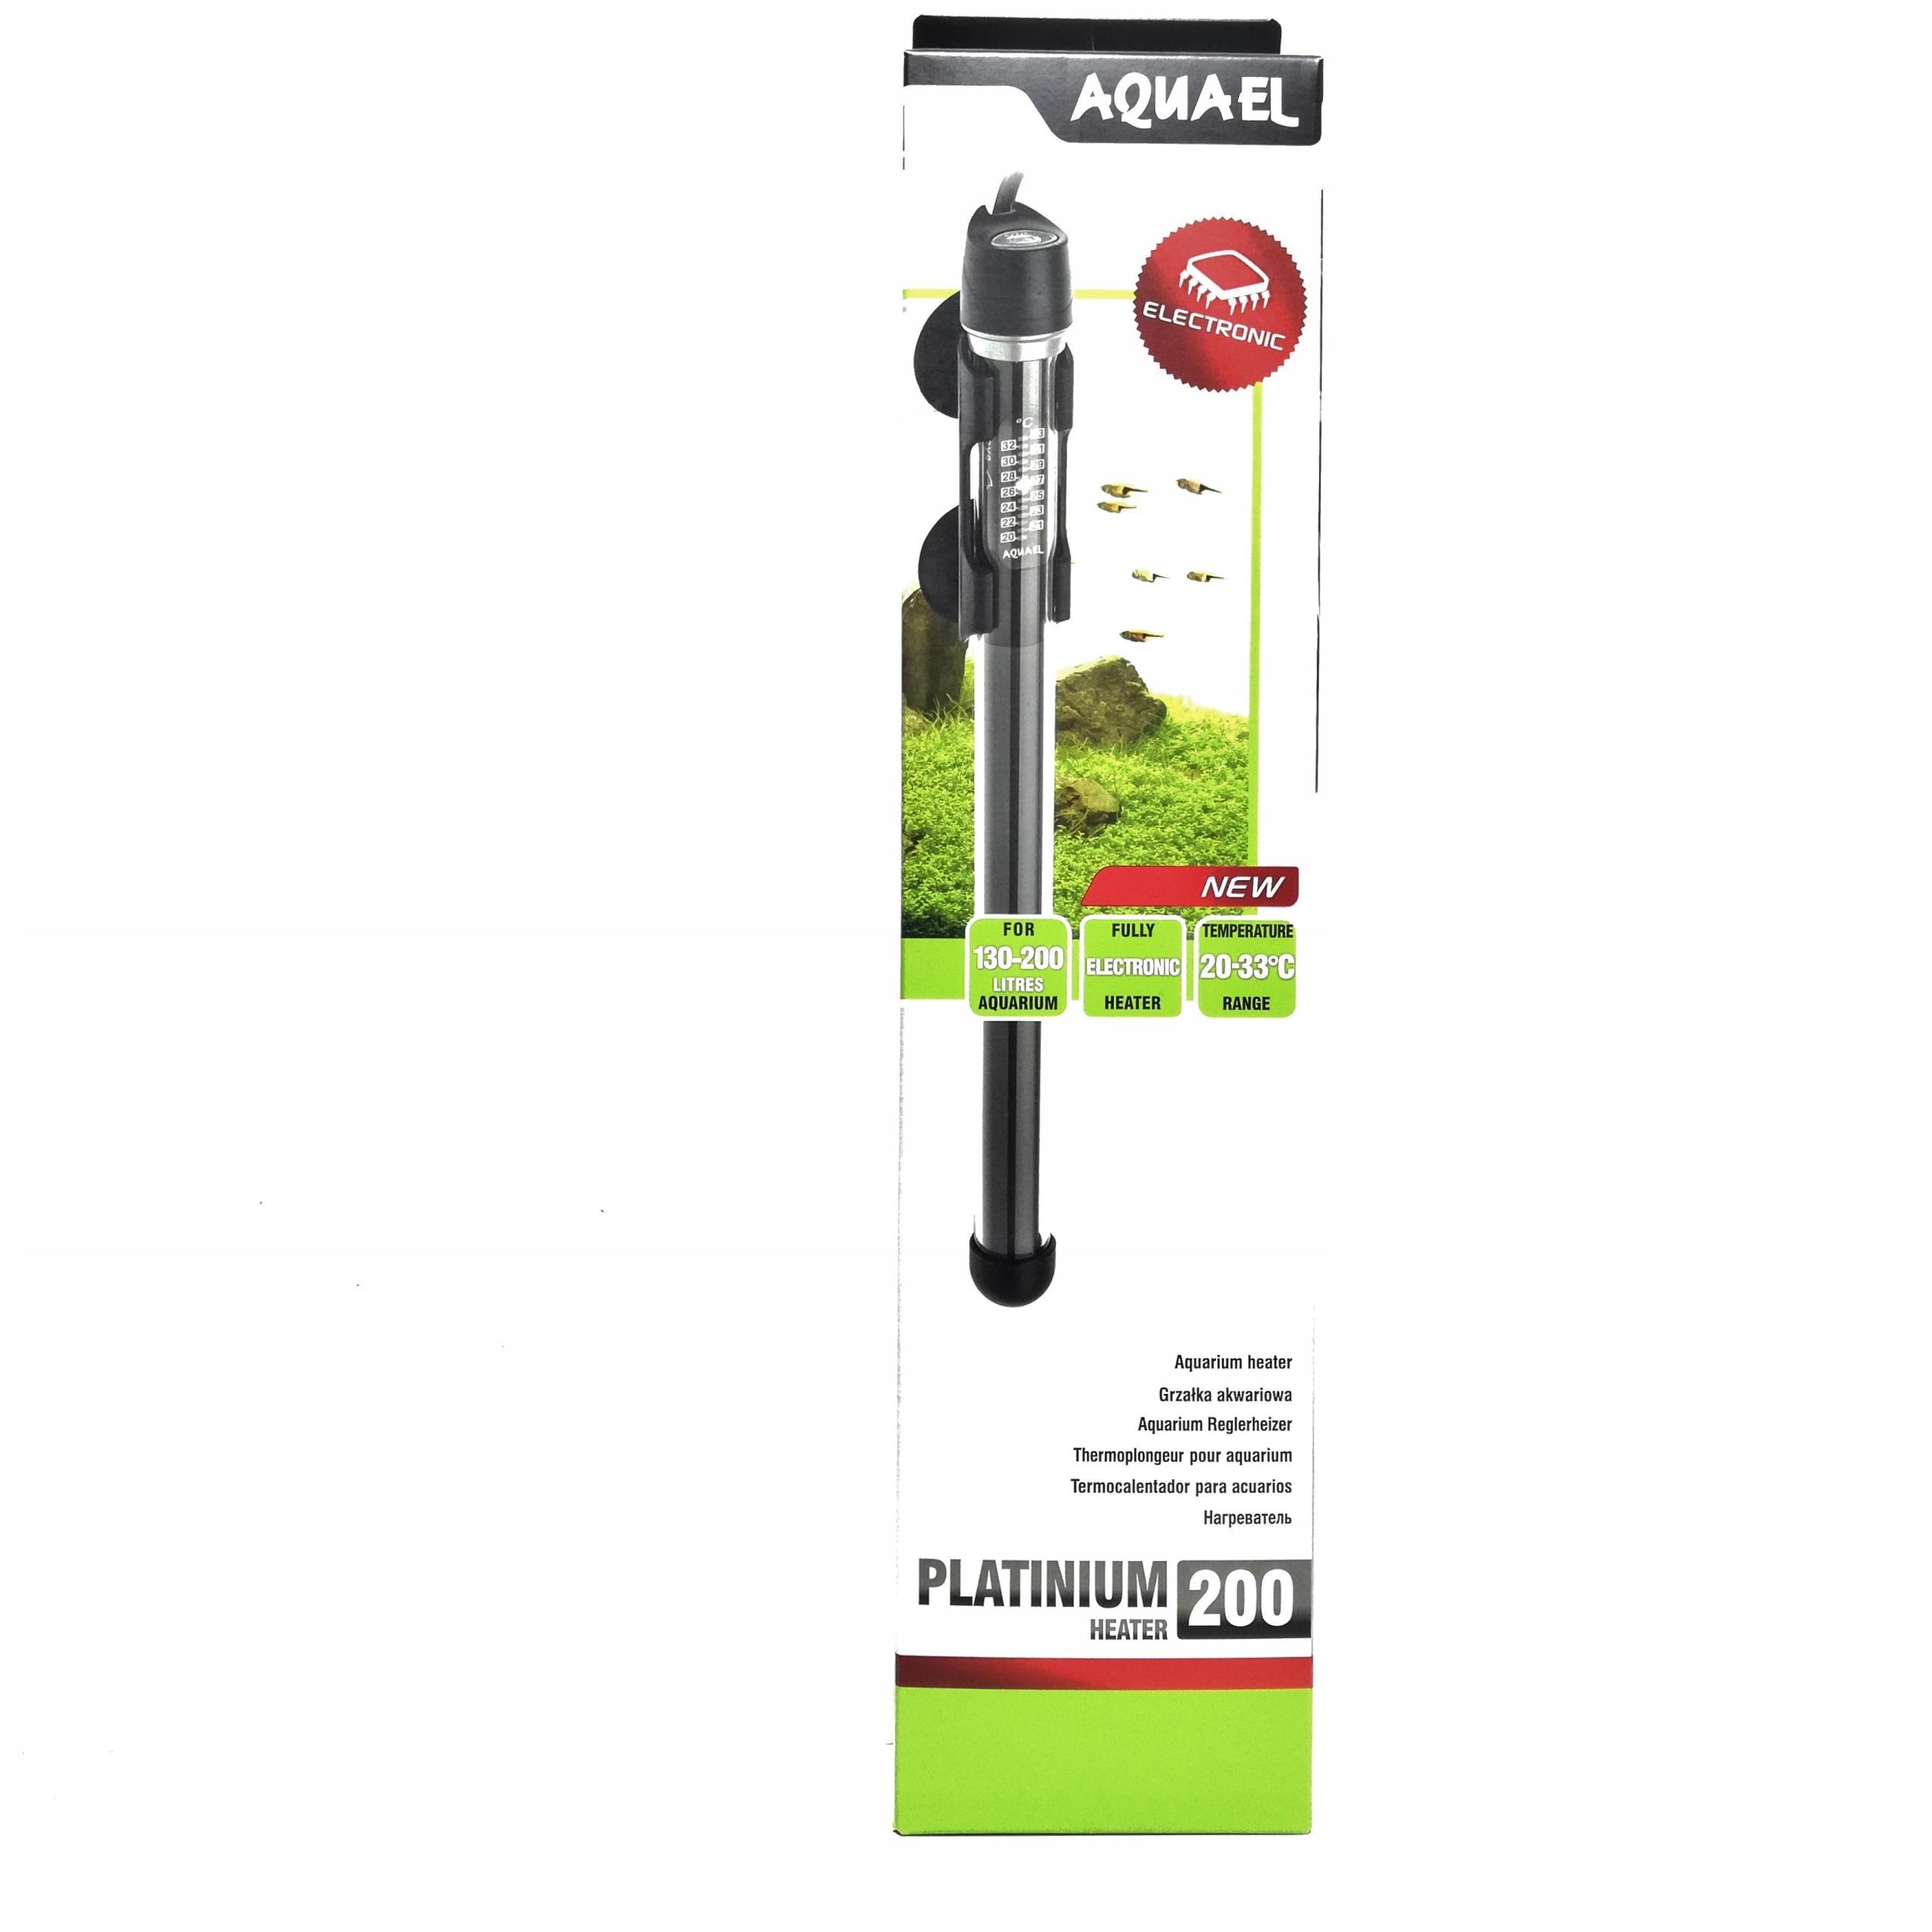 Нагреватель AQUAEL Platinium Heater 200 w на 130-200 л